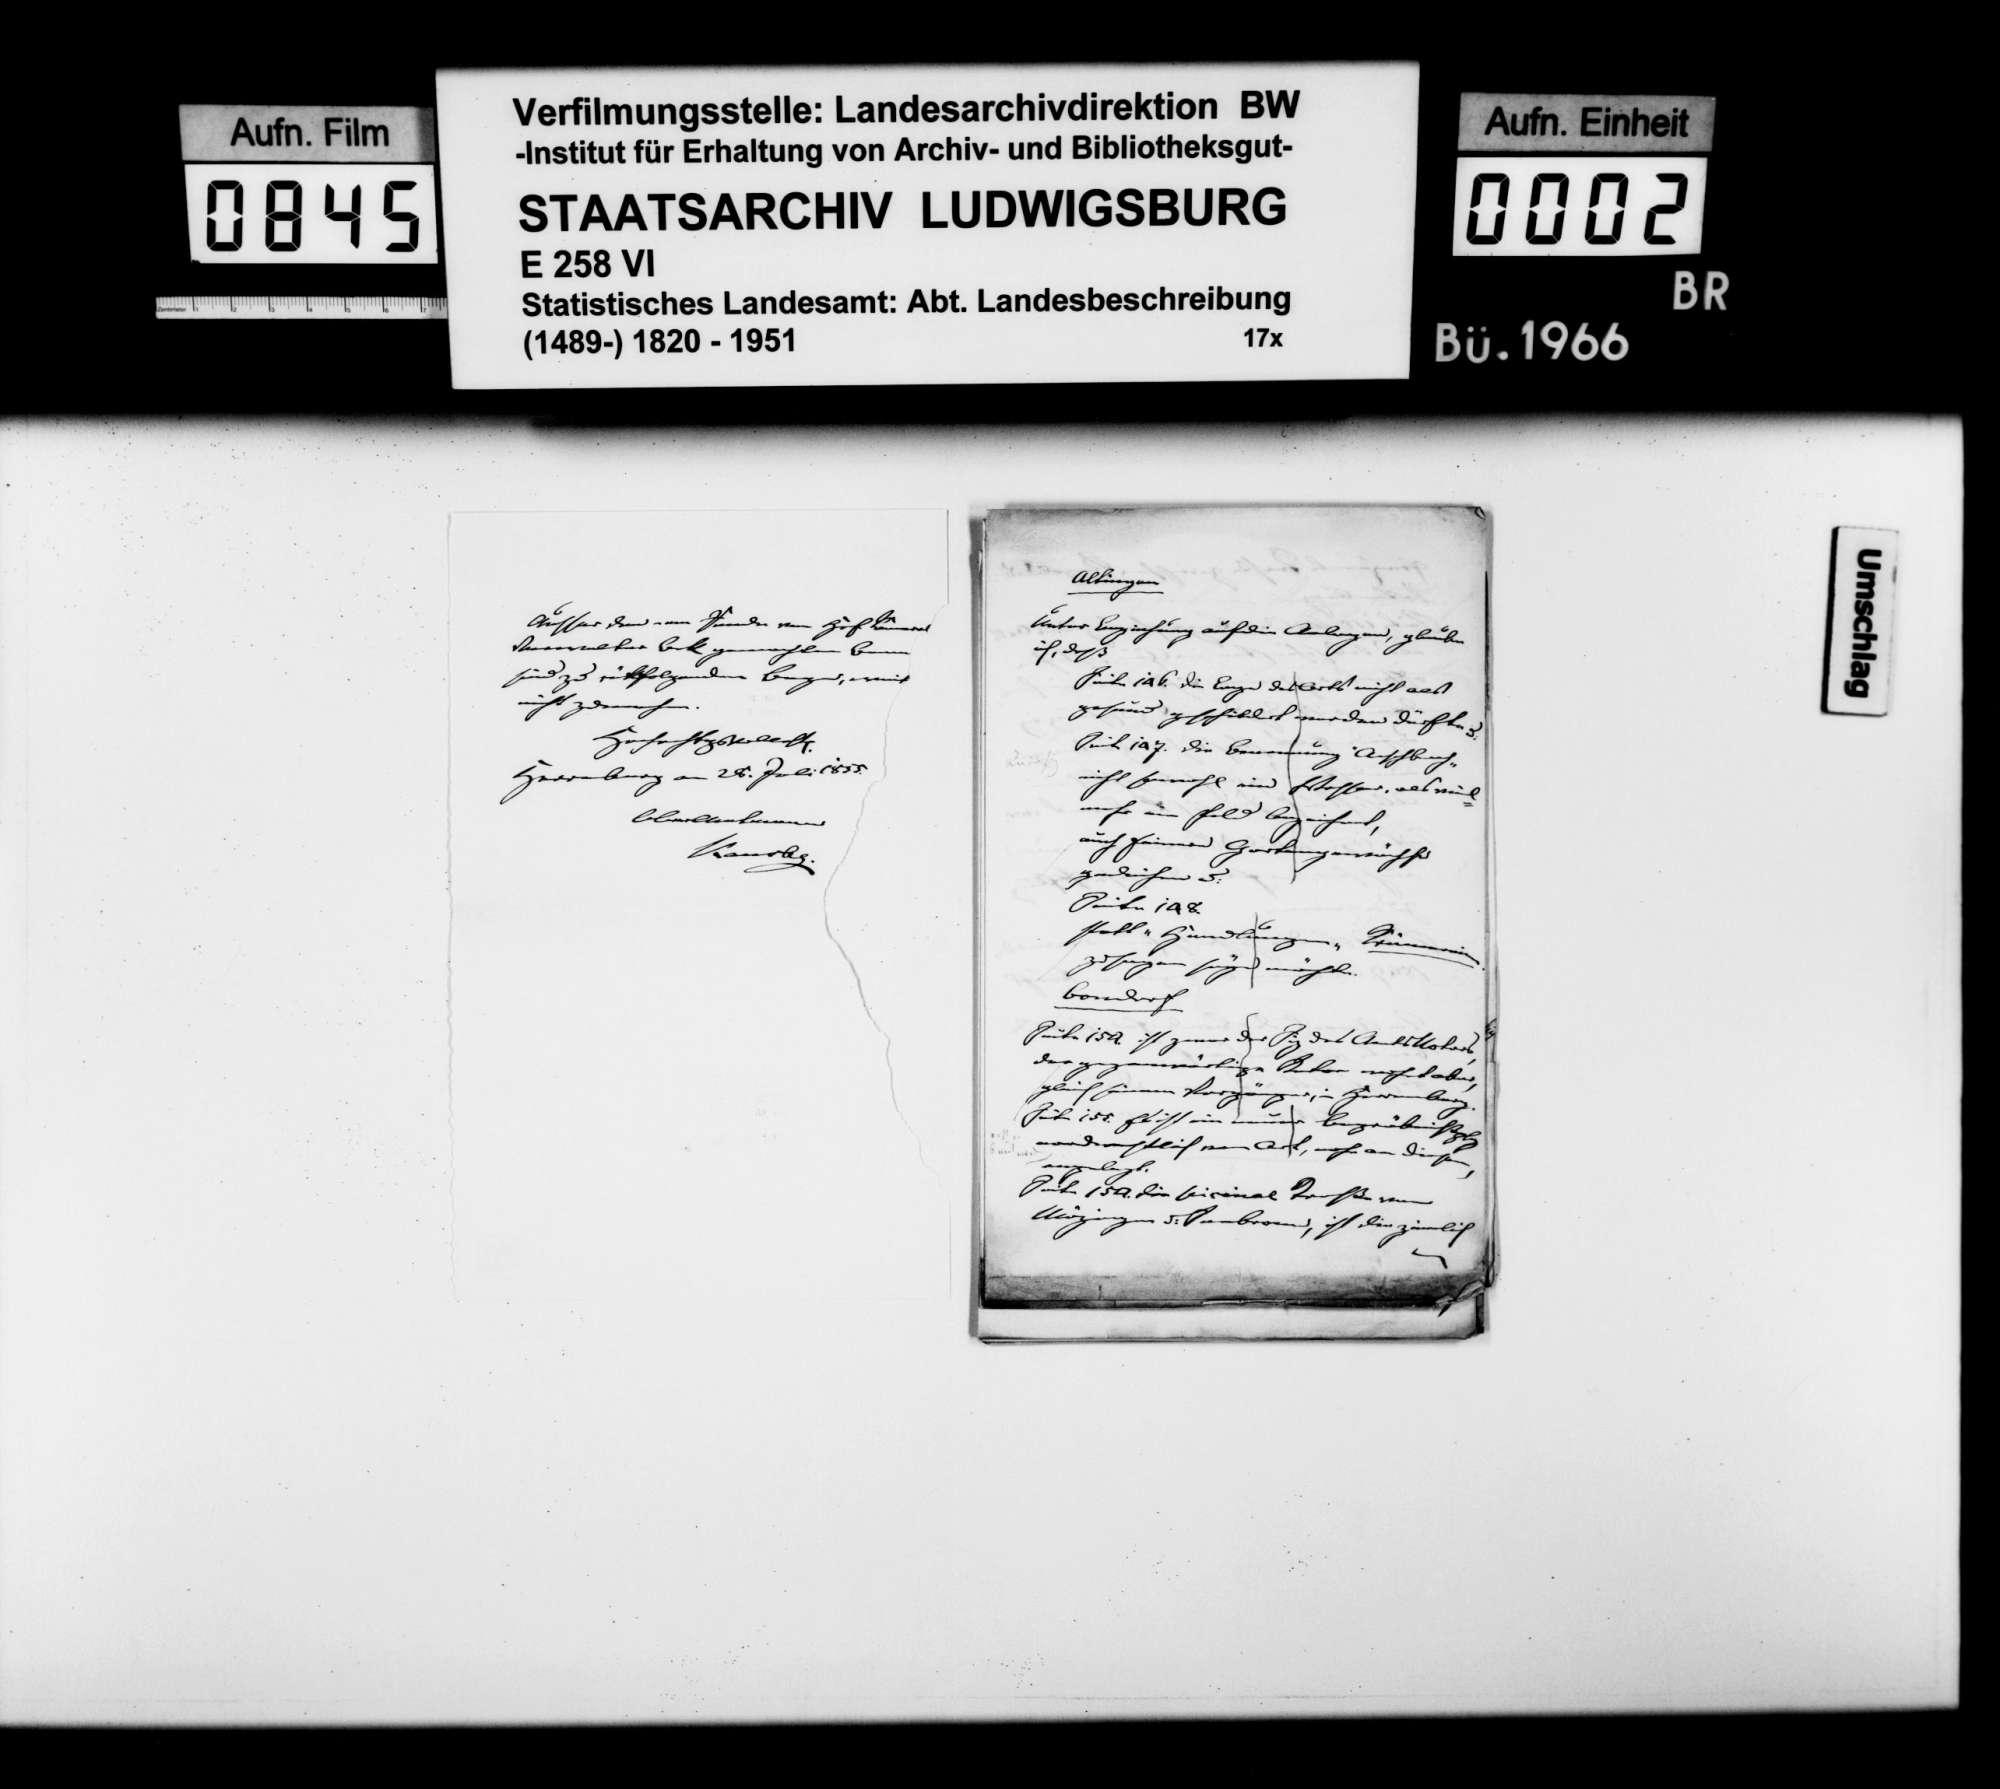 Korrekturen und Ergänzungen zum Manuskript der OAB durch Oberamtmann Kausler sowie verschiedene Auskünfte zu offenen Fragen der Ortsbeschreibung, Bild 1